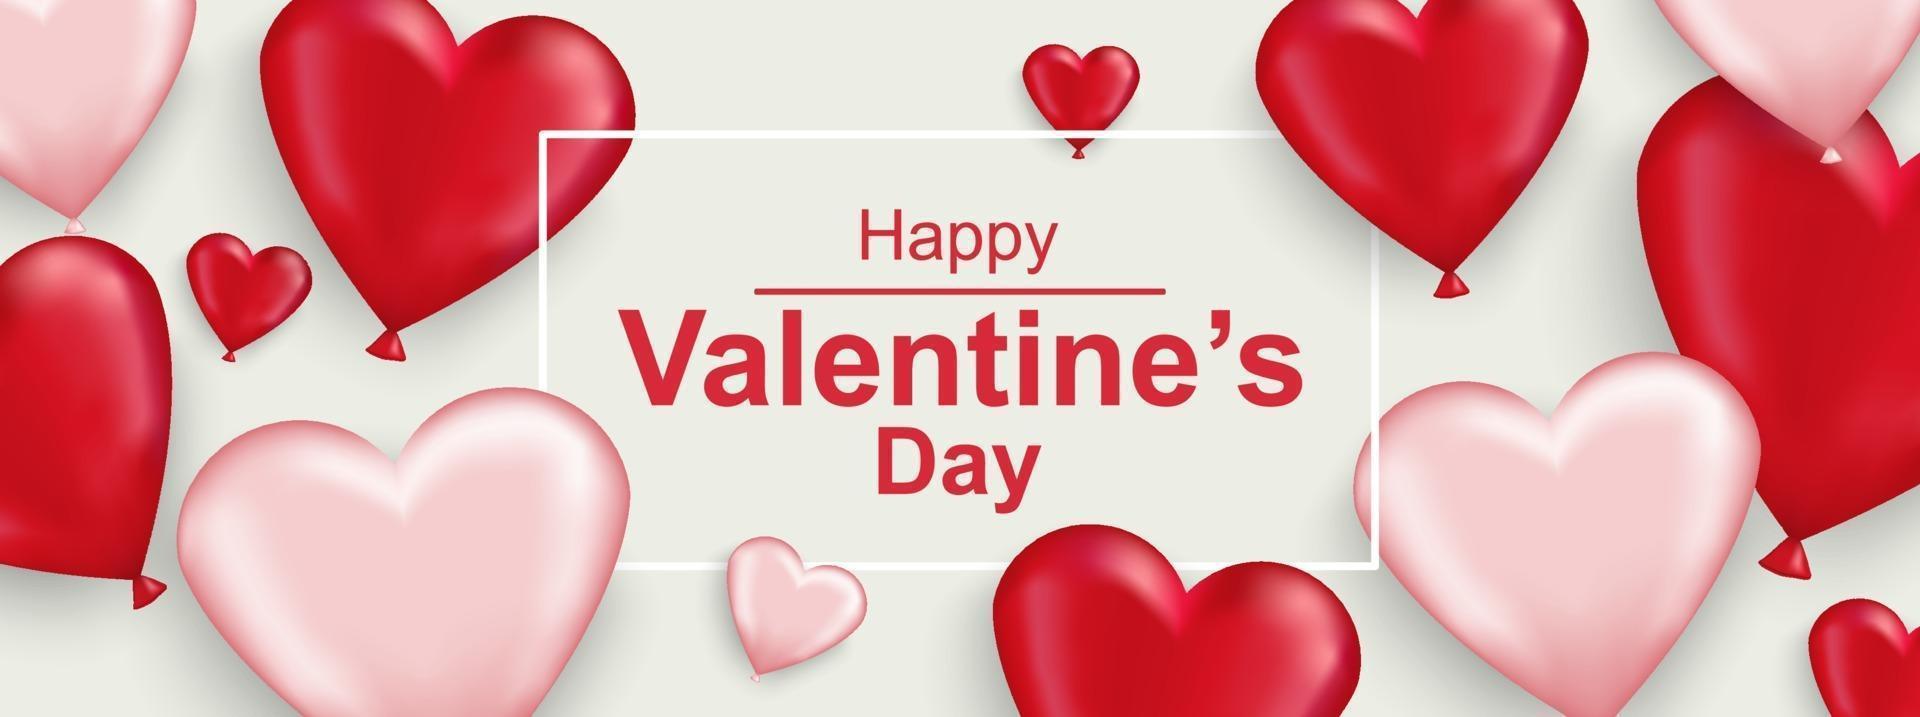 banner web orizzontale felice giorno di san valentino. cuore rosso e bianco realistico vettore